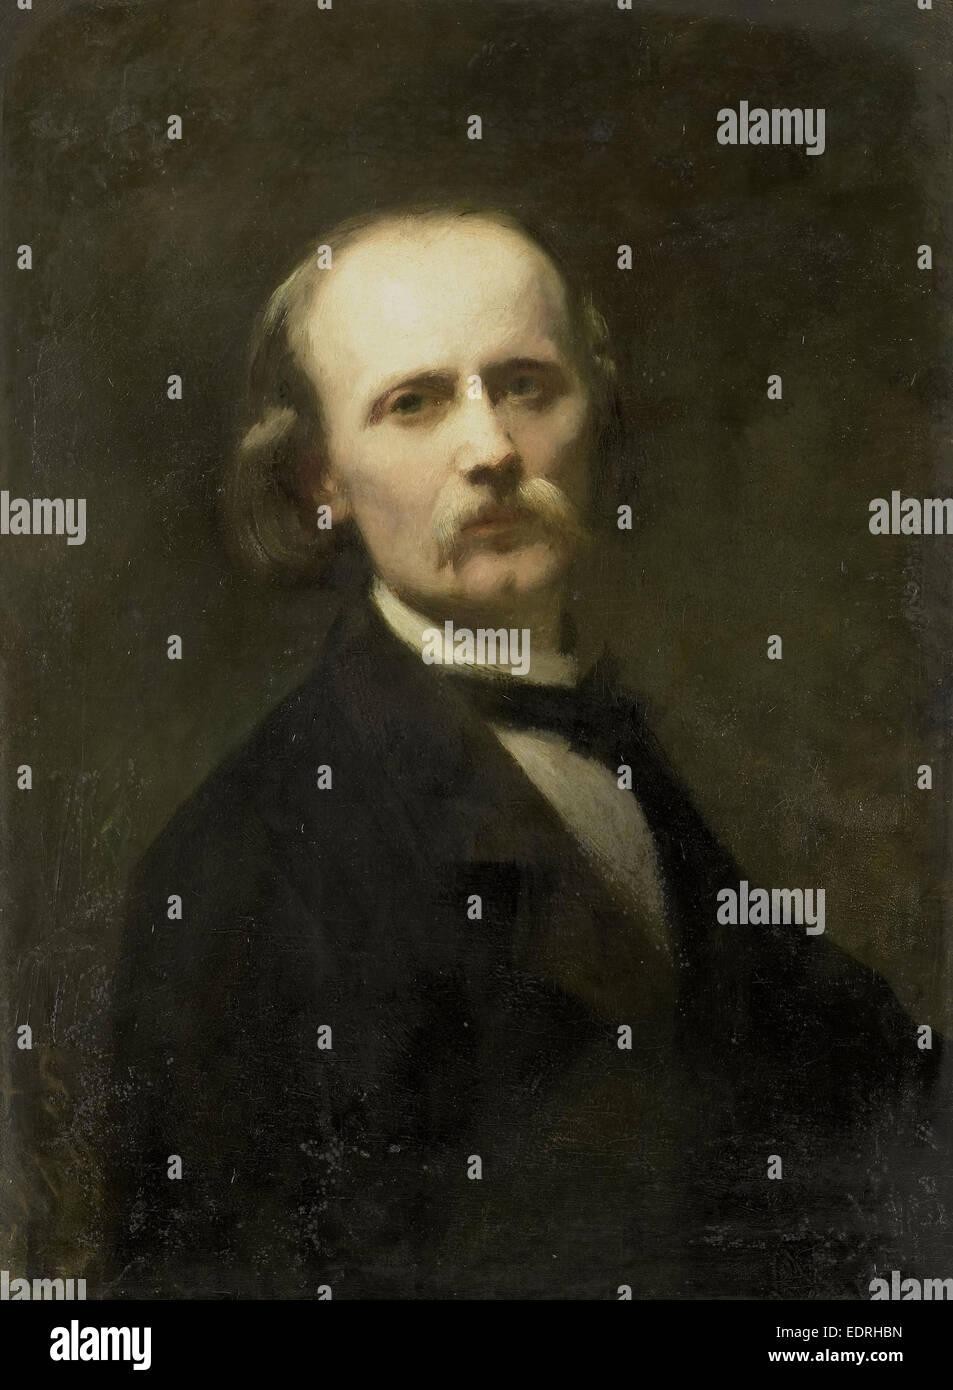 Self-Portrait, Johann Georg Schwartze, 1869 - Stock Image